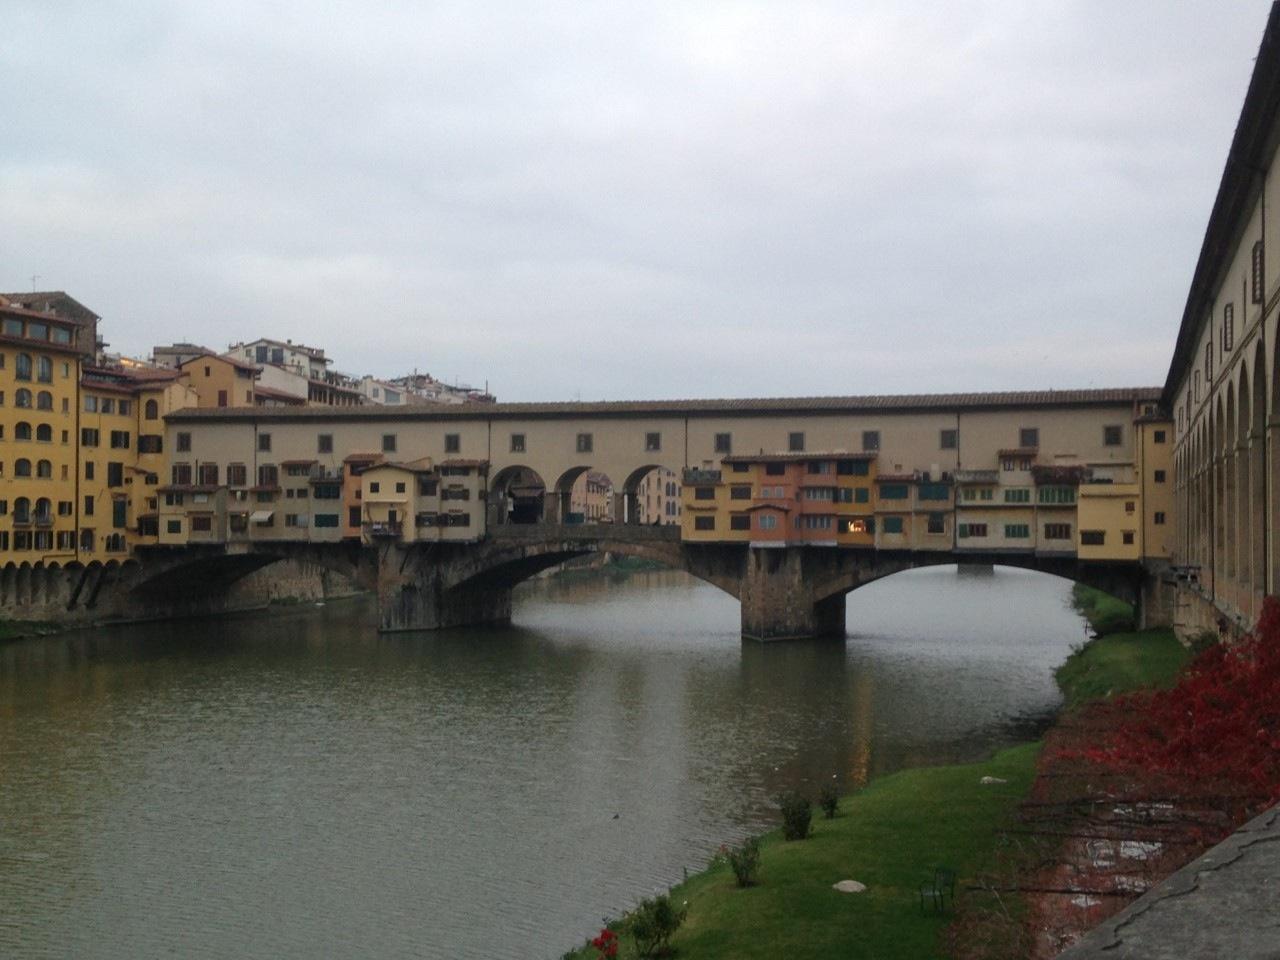 フィレンツェの街並み4.jpeg